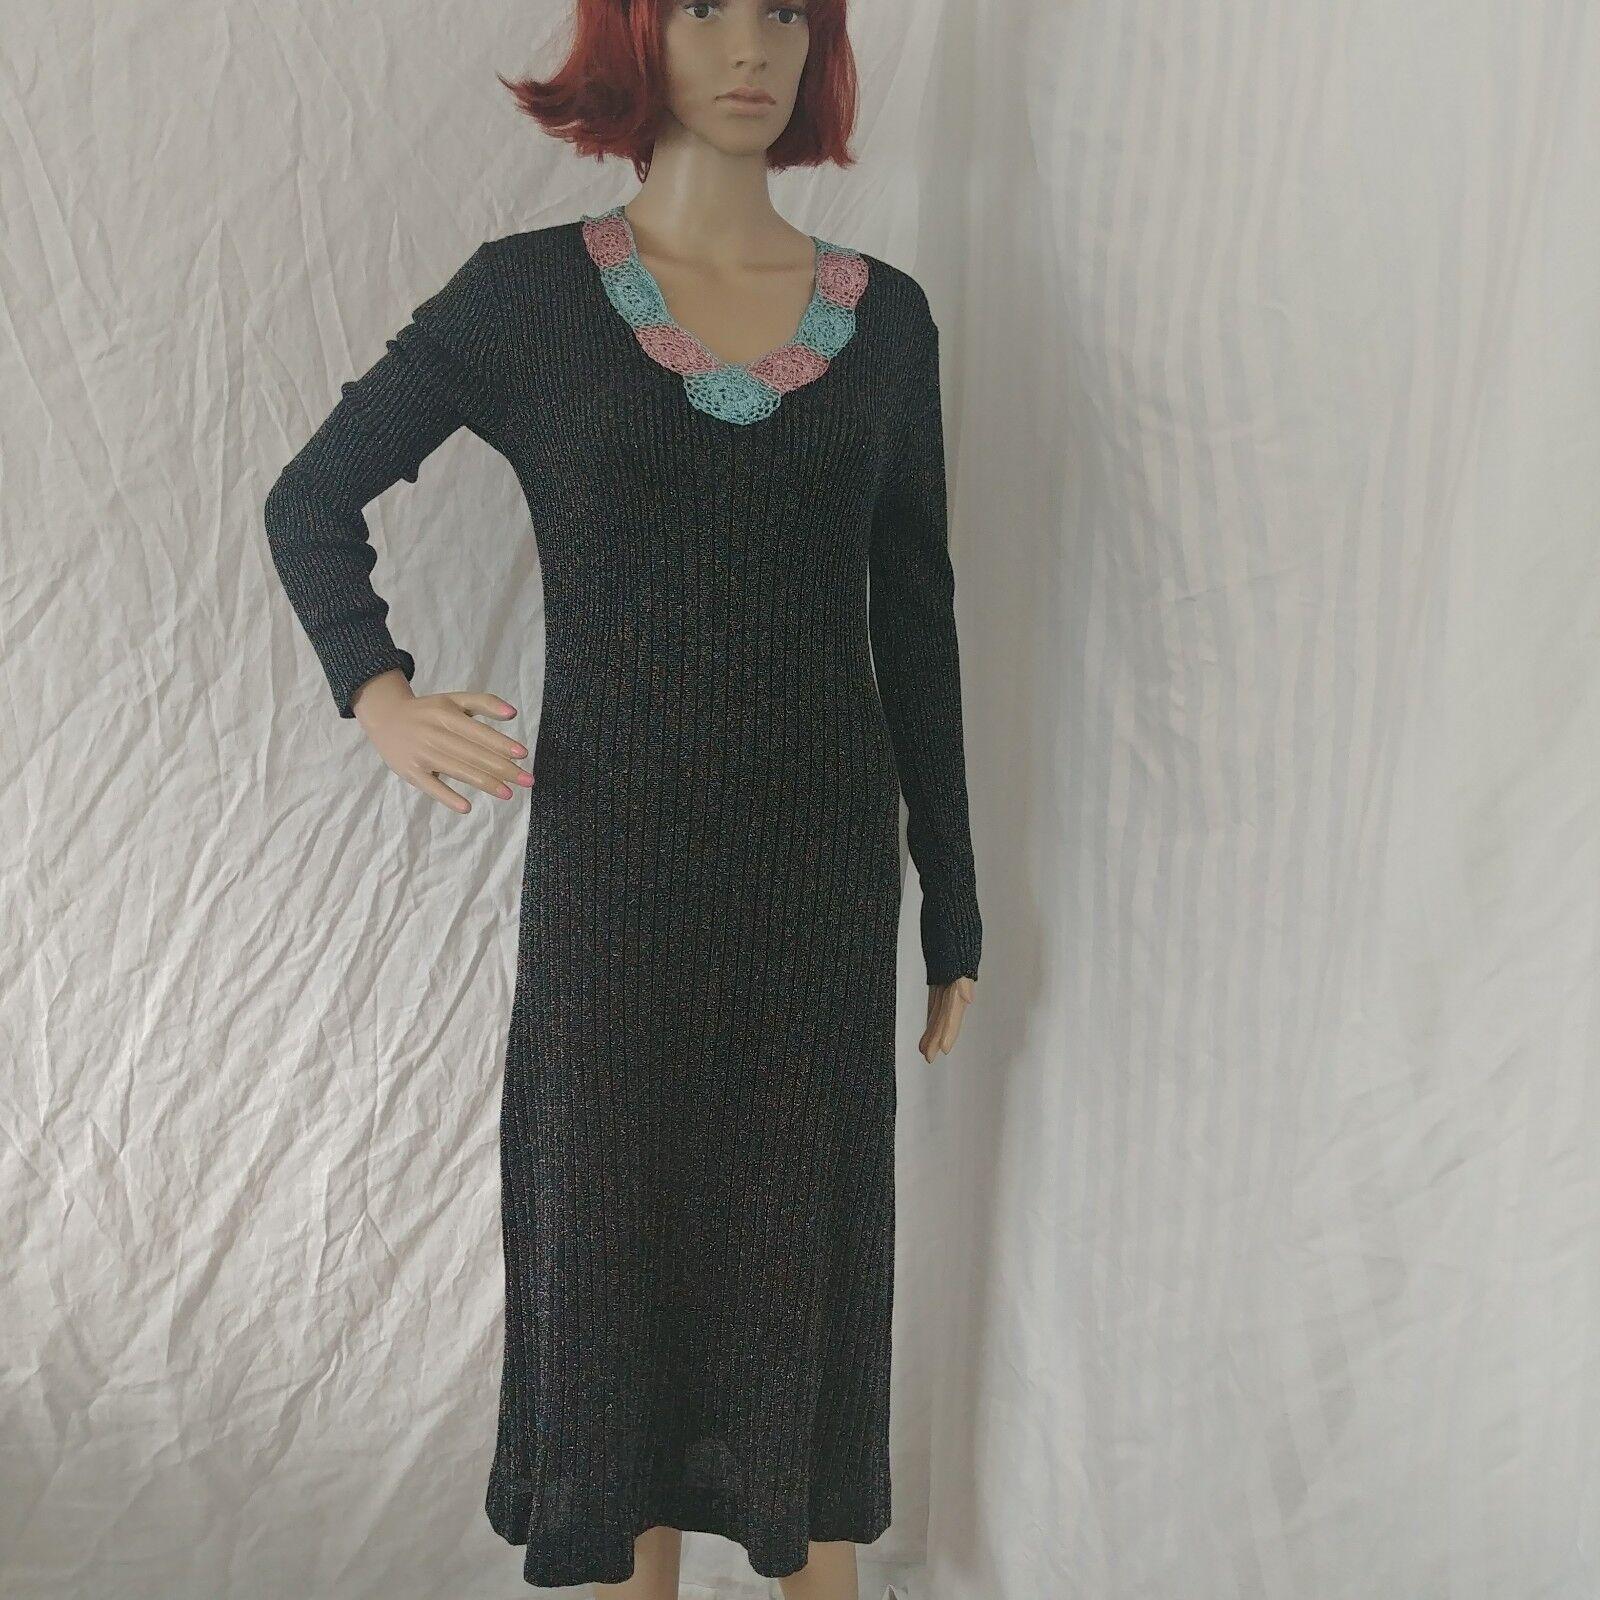 Wenjilli vintage années 70 tricot robe longue noir rose brillant bleu 4 6